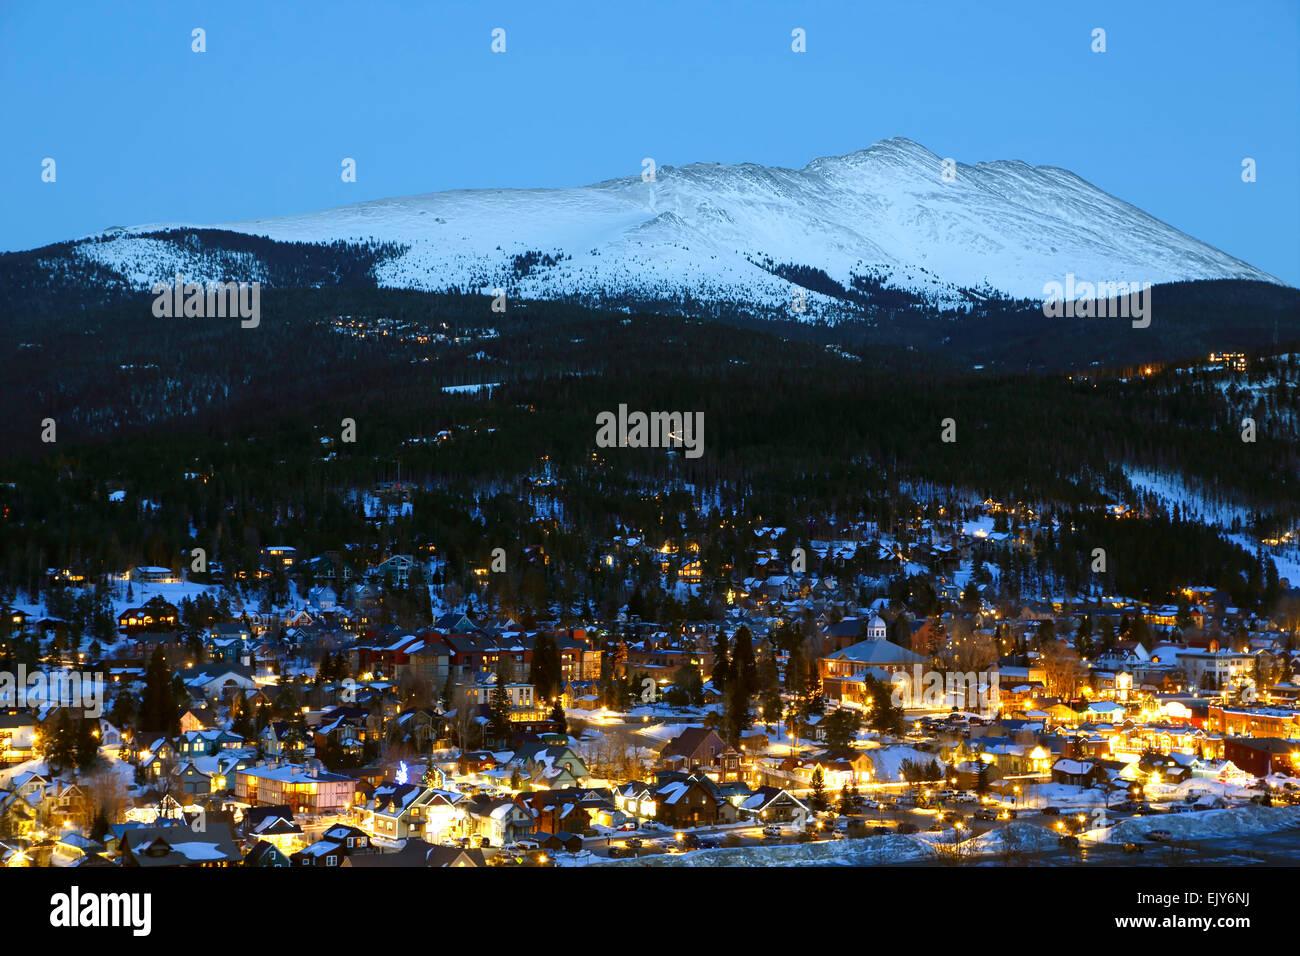 Snow-covered Bald Mountain and Breckenridge, Colorado USA Stock Photo